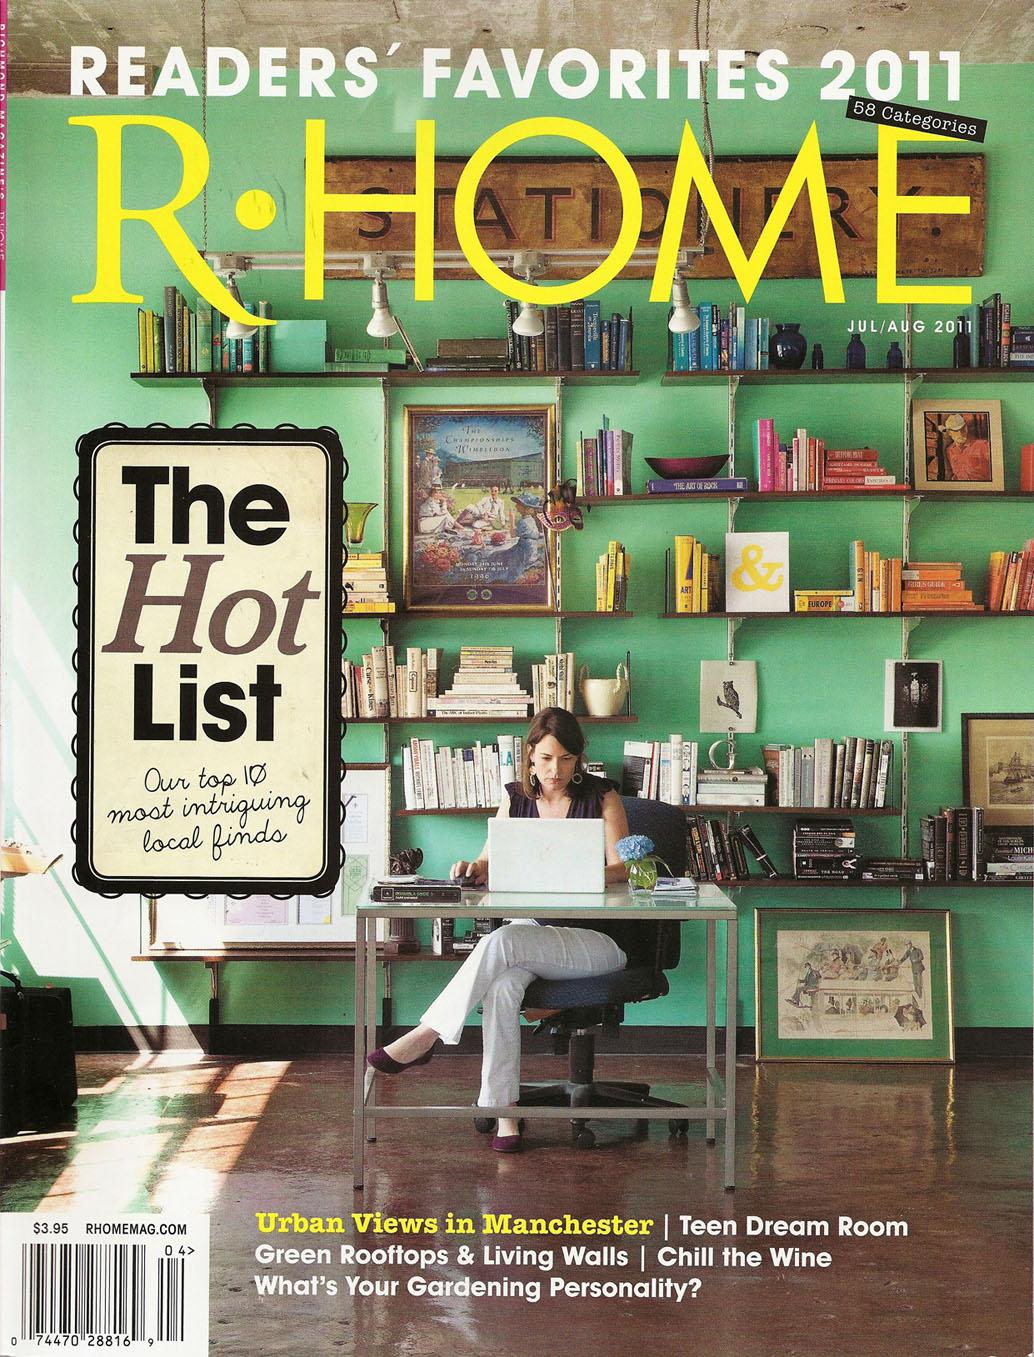 Rhome July-Aug 2011 Readers' Favorites 2011